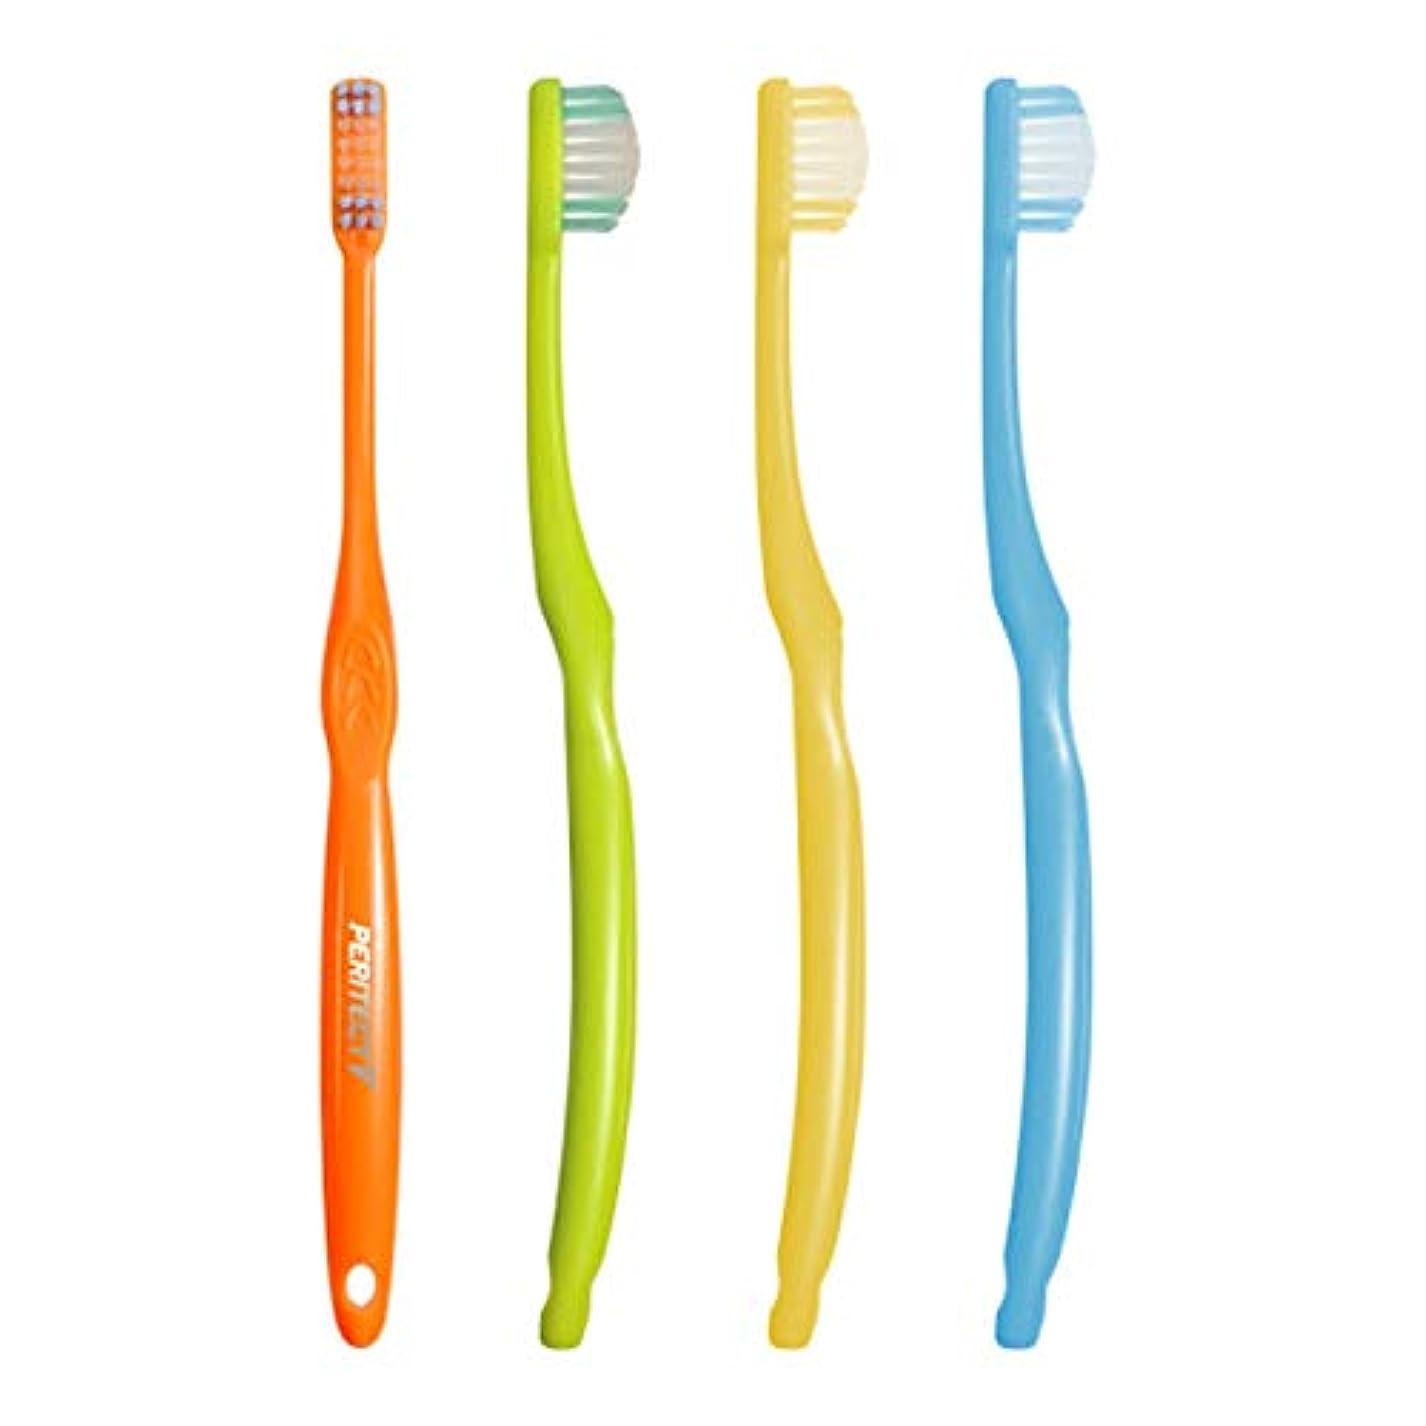 非互換取り出す心からビーブランド PERITECT V ペリテクト ブイ 歯ブラシ (6M やわらかめ) × 5本 歯科専売品